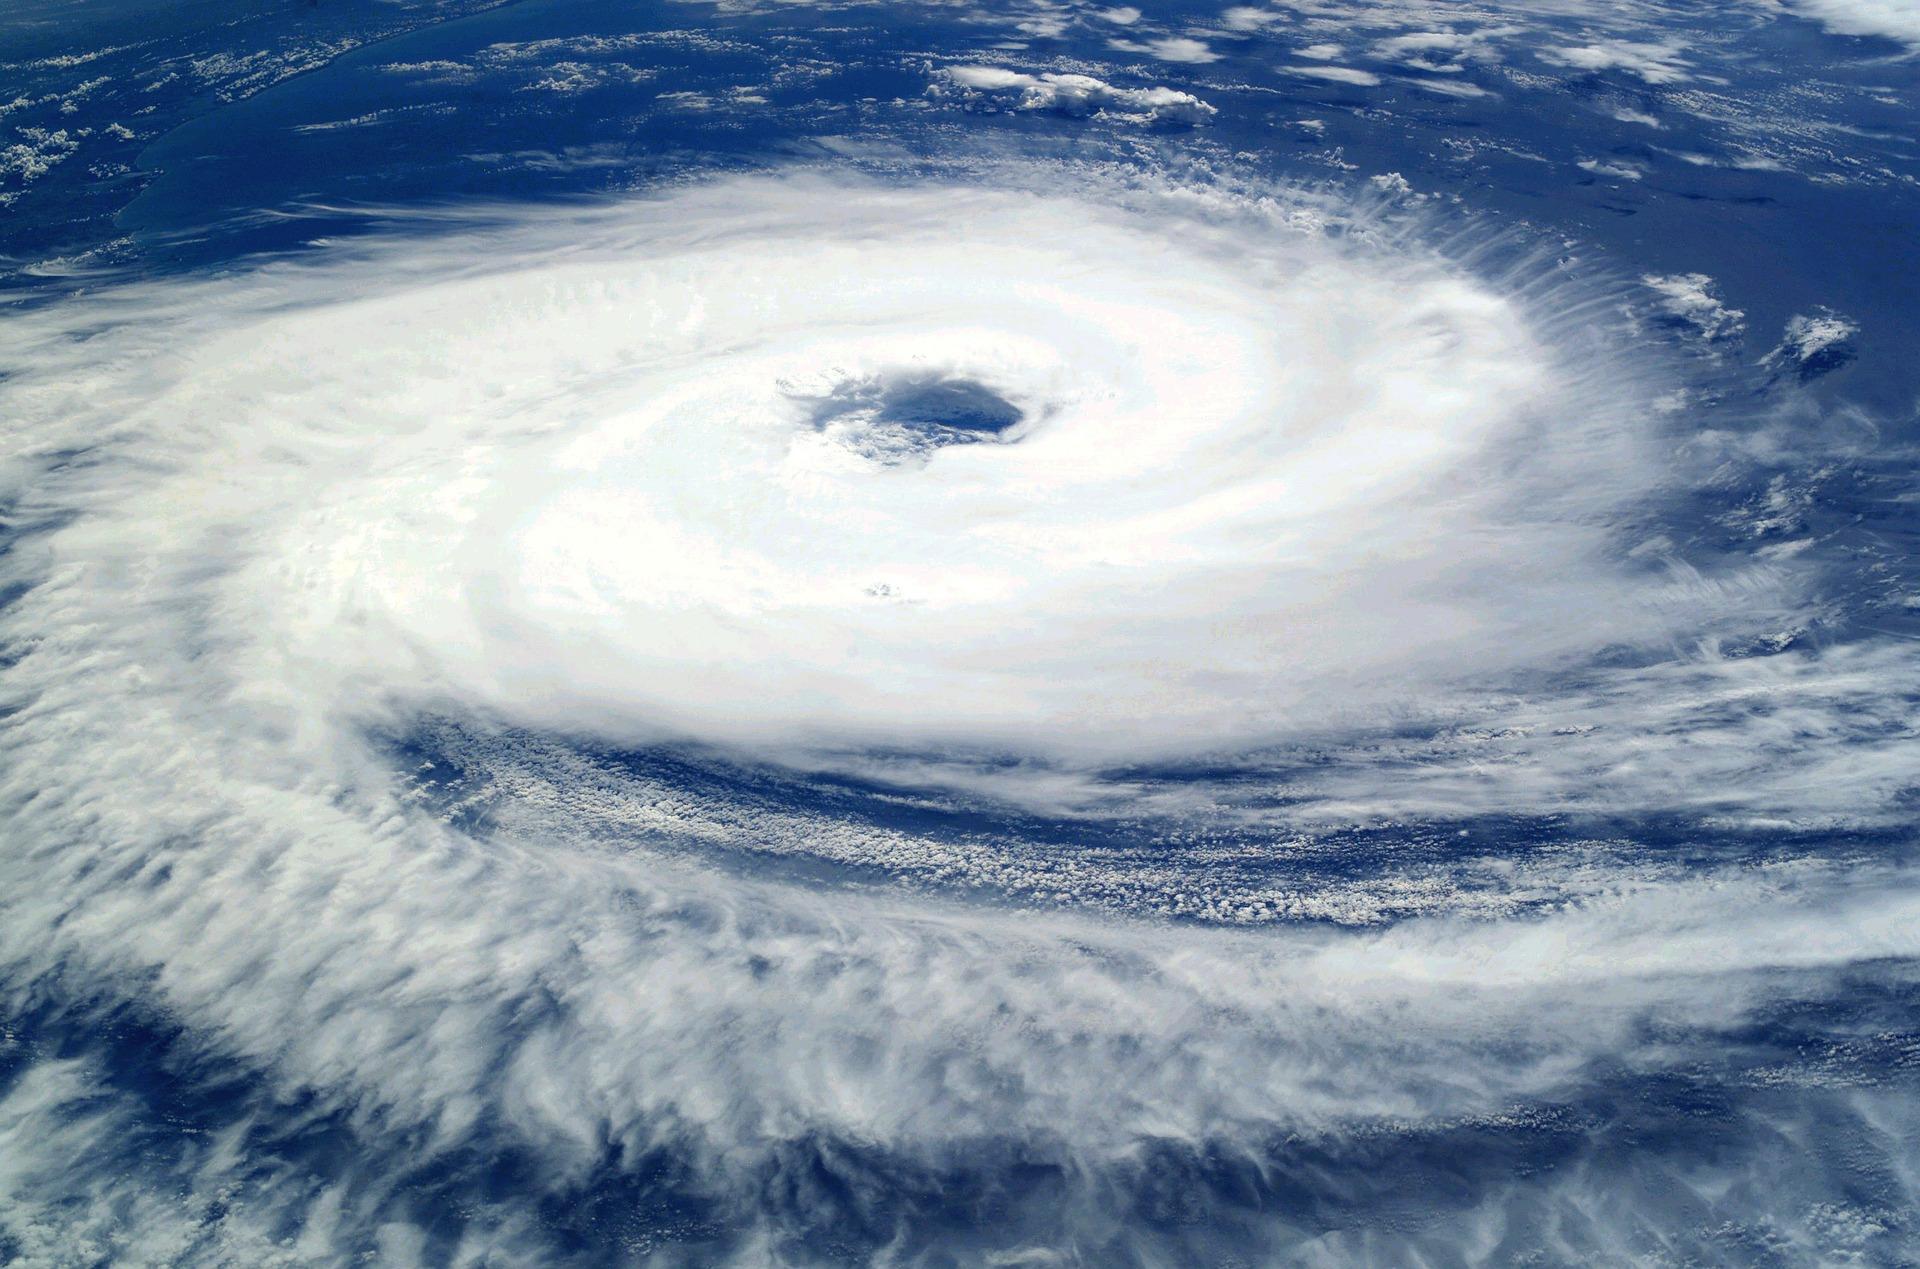 また台風が直撃するけど初デートの予定が入っていて対応に悩んでいる